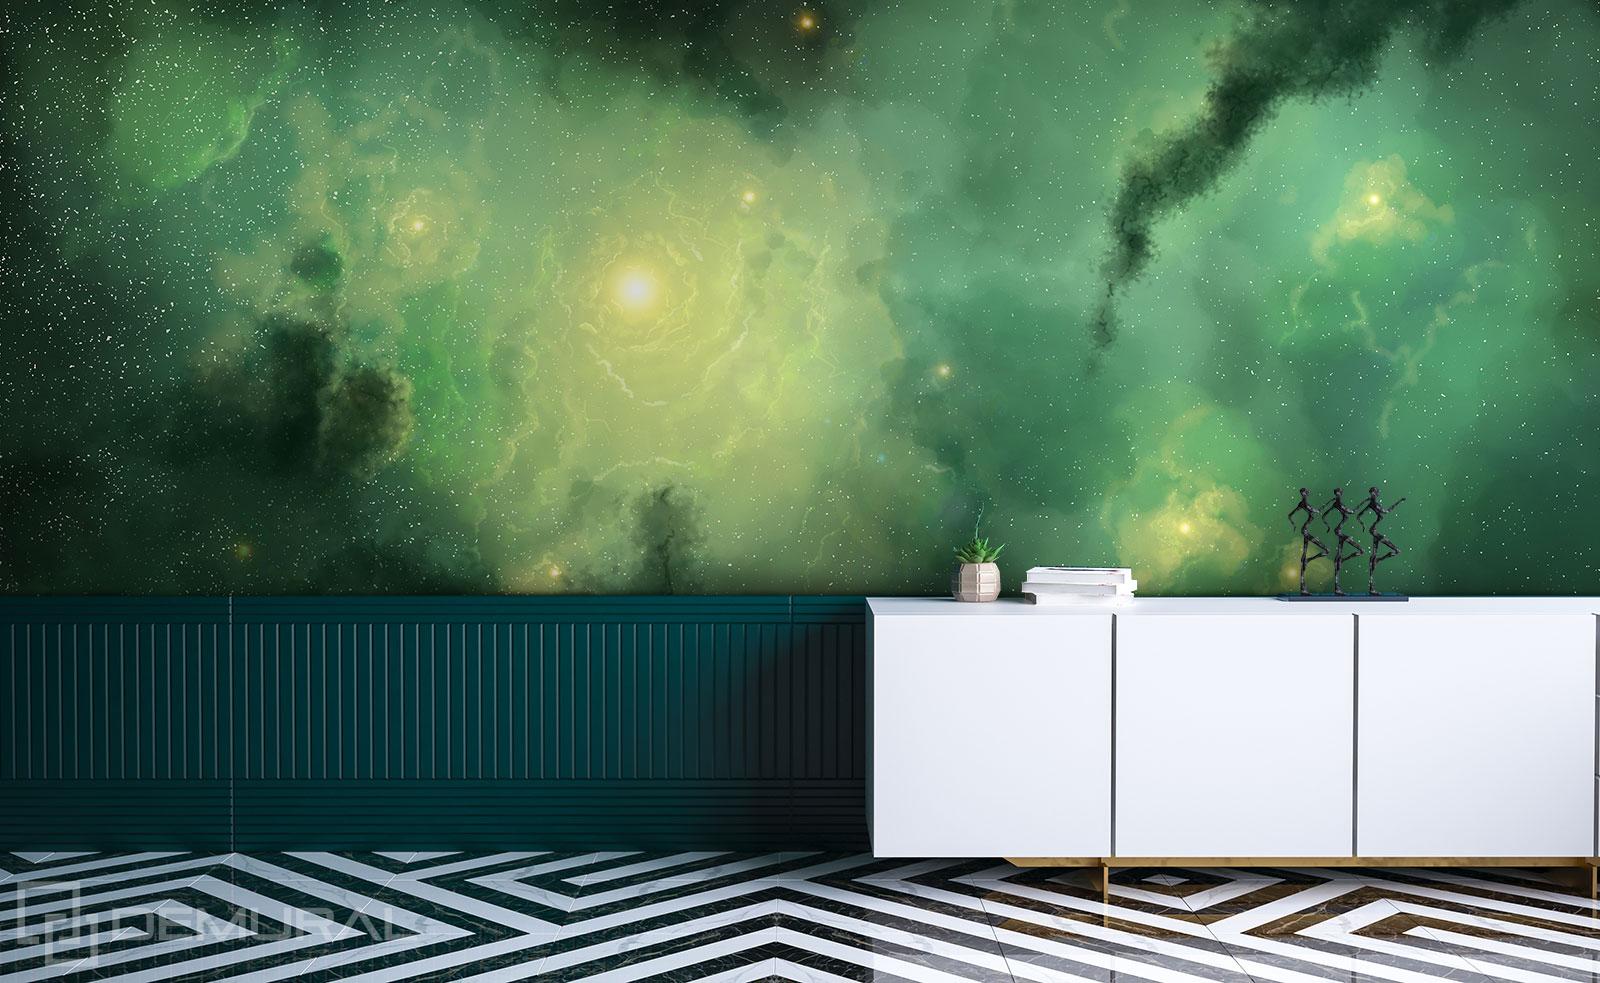 Fototapete Grüner Kosmos - 3D Fototapete - Demural